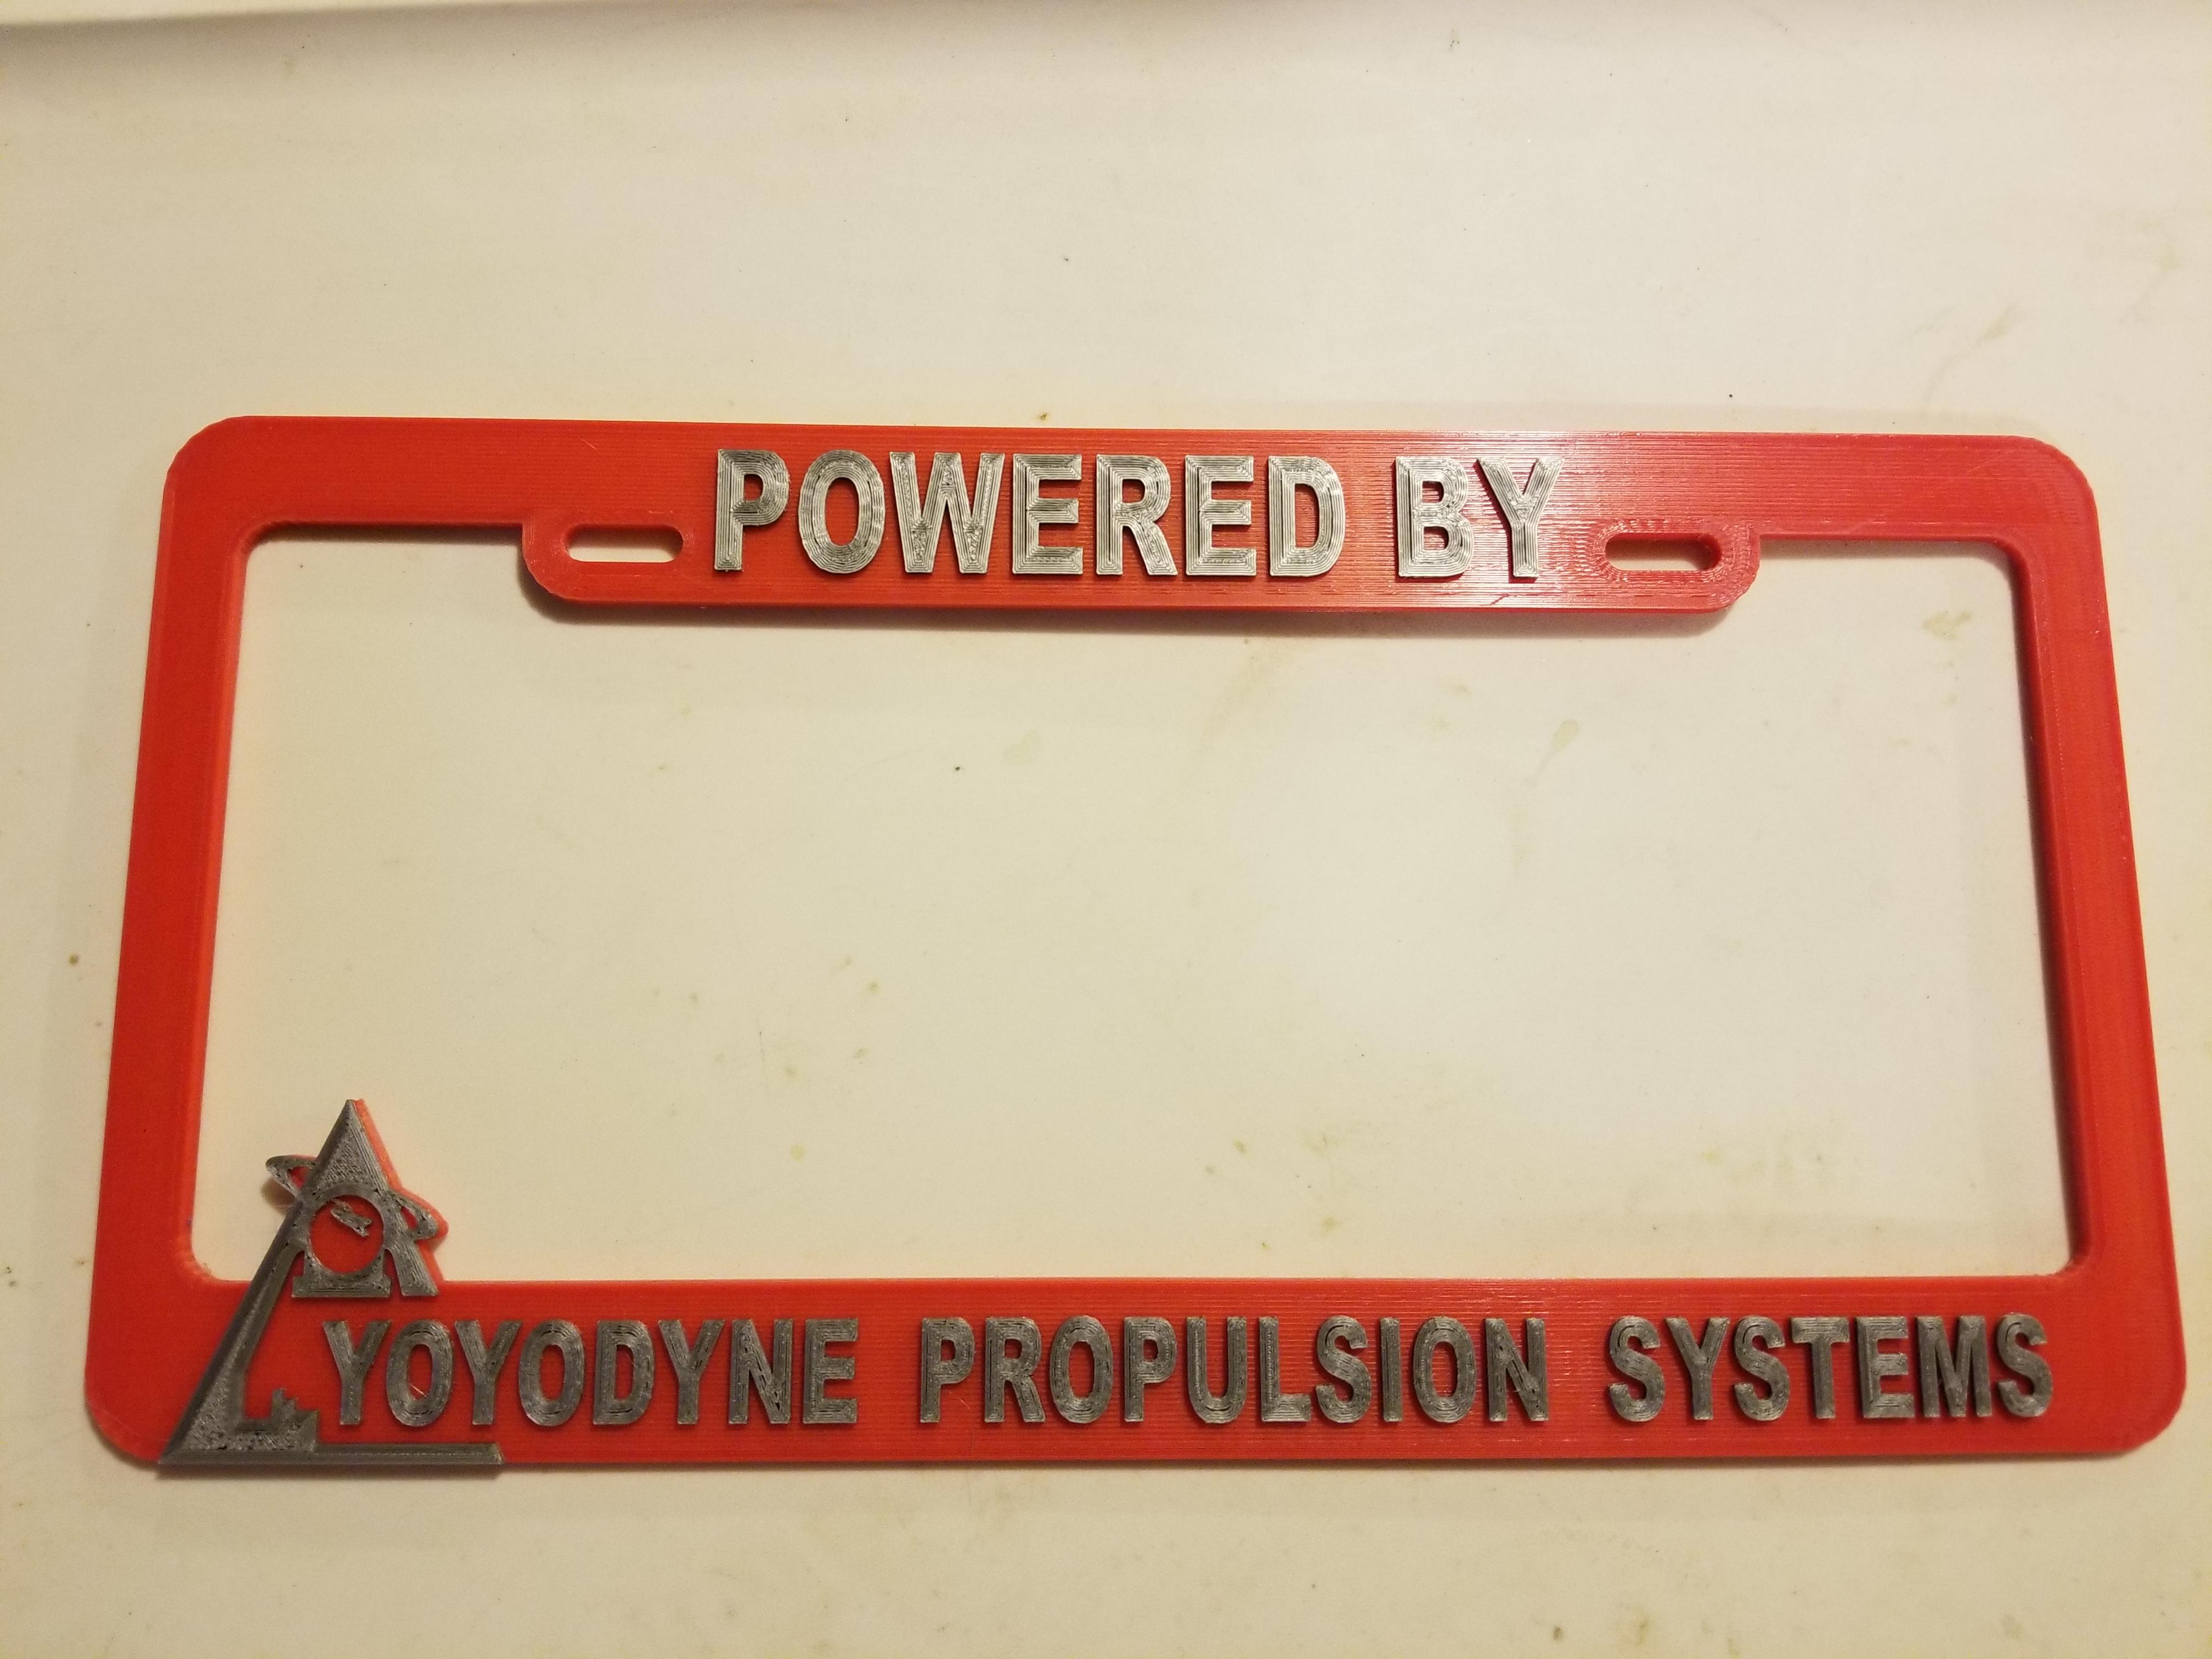 YOYODYNE PROPULSION SYSTEMS BUCKAROO BANZAI by beckerthorne 4032x3024